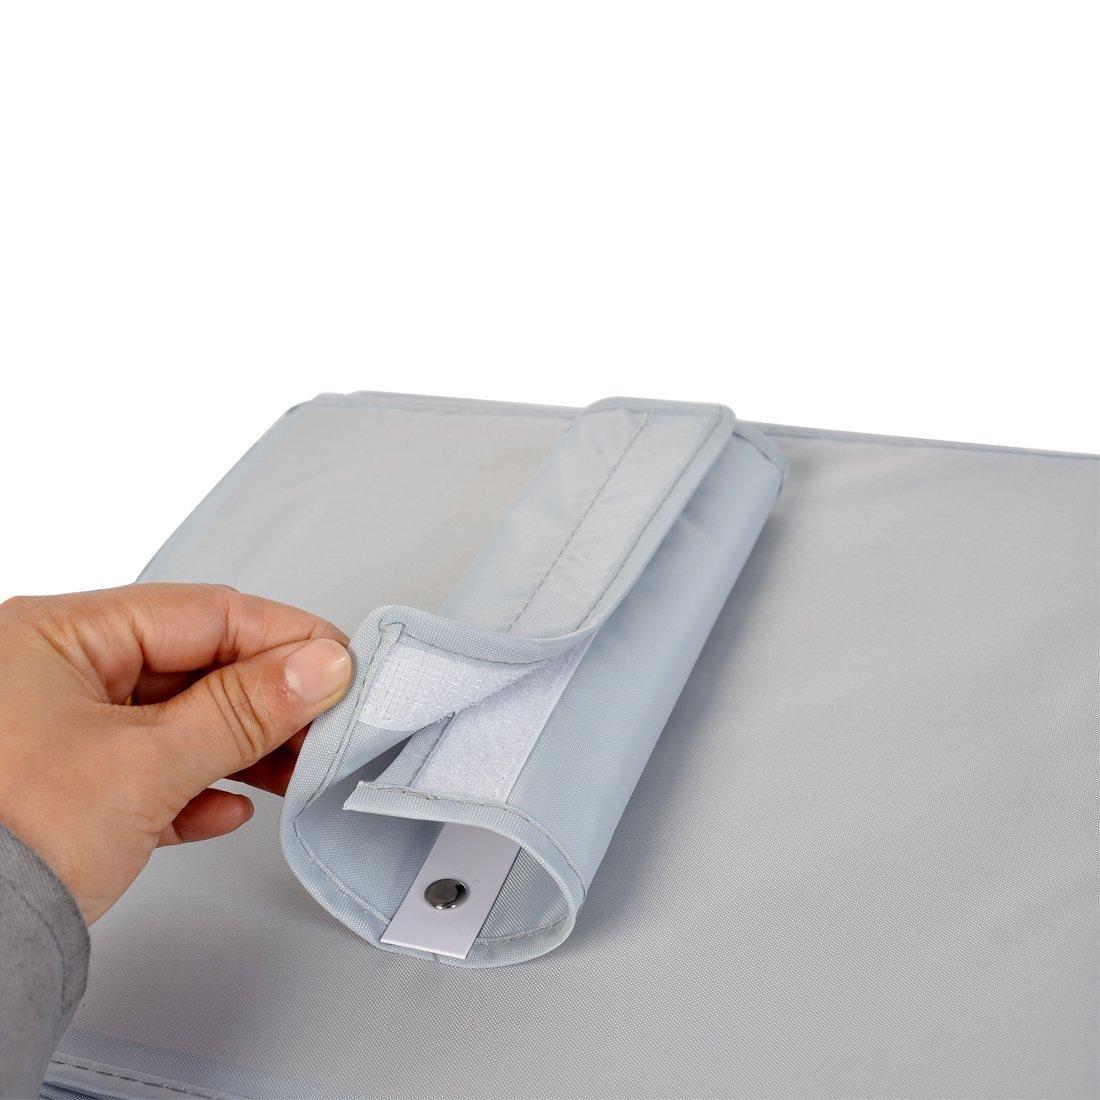 Amazon.com: eDealMax resumen la ropa Interior 6 compartimentos de almacenamiento colgantes bolso de la caja gris Oscuro: Kitchen & Dining